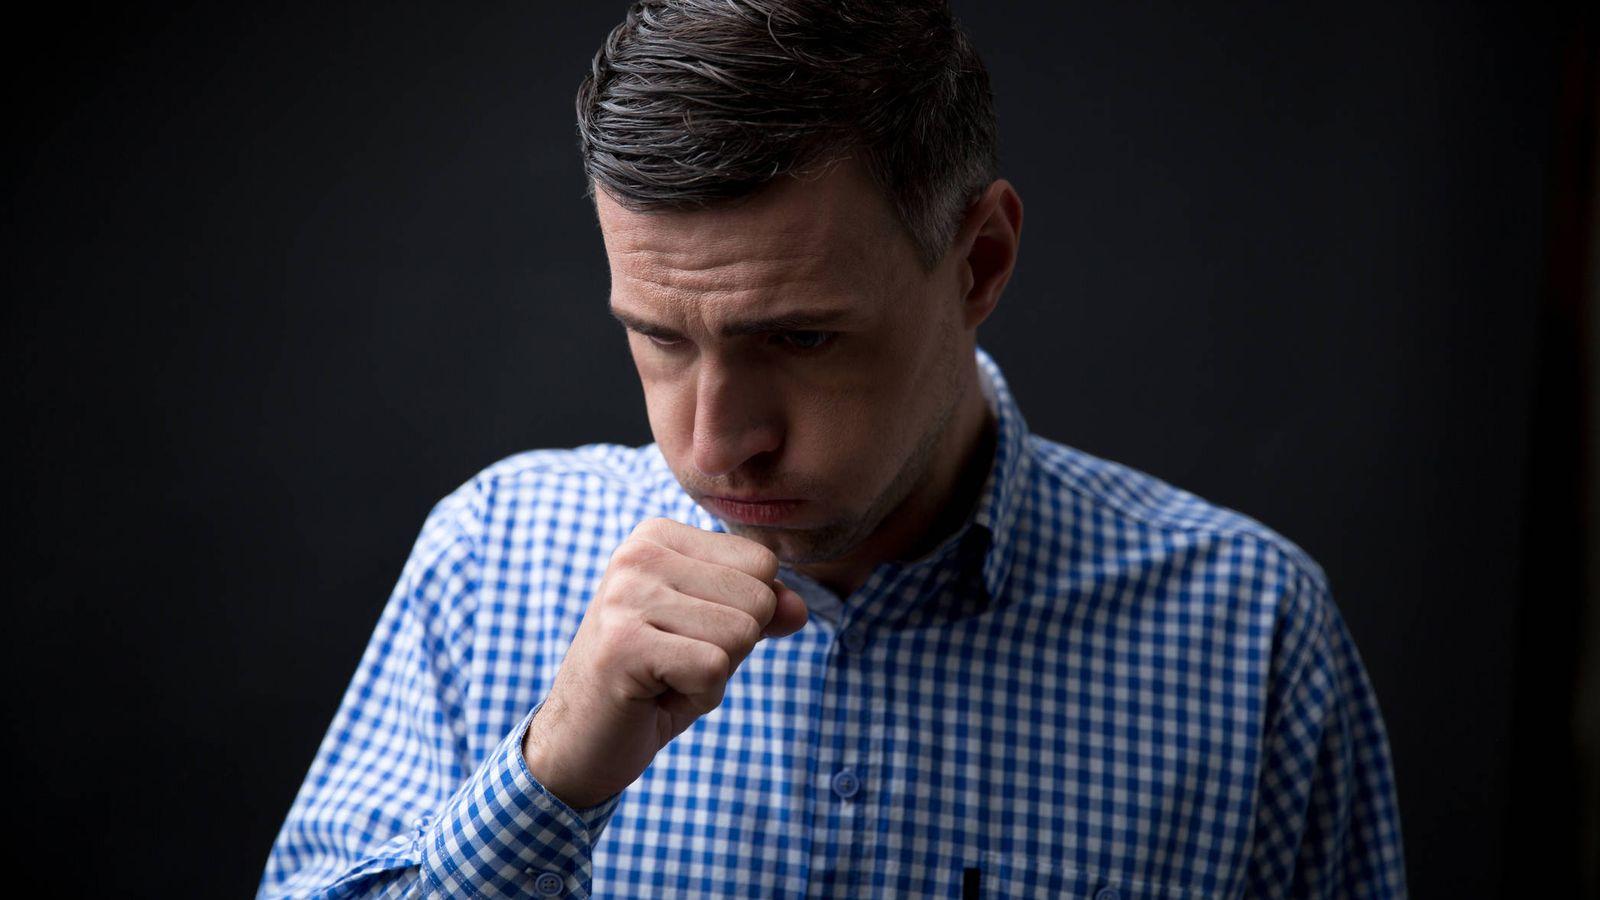 Salud: 5 signos de que tu tos puede ser algo más grave de lo que parece